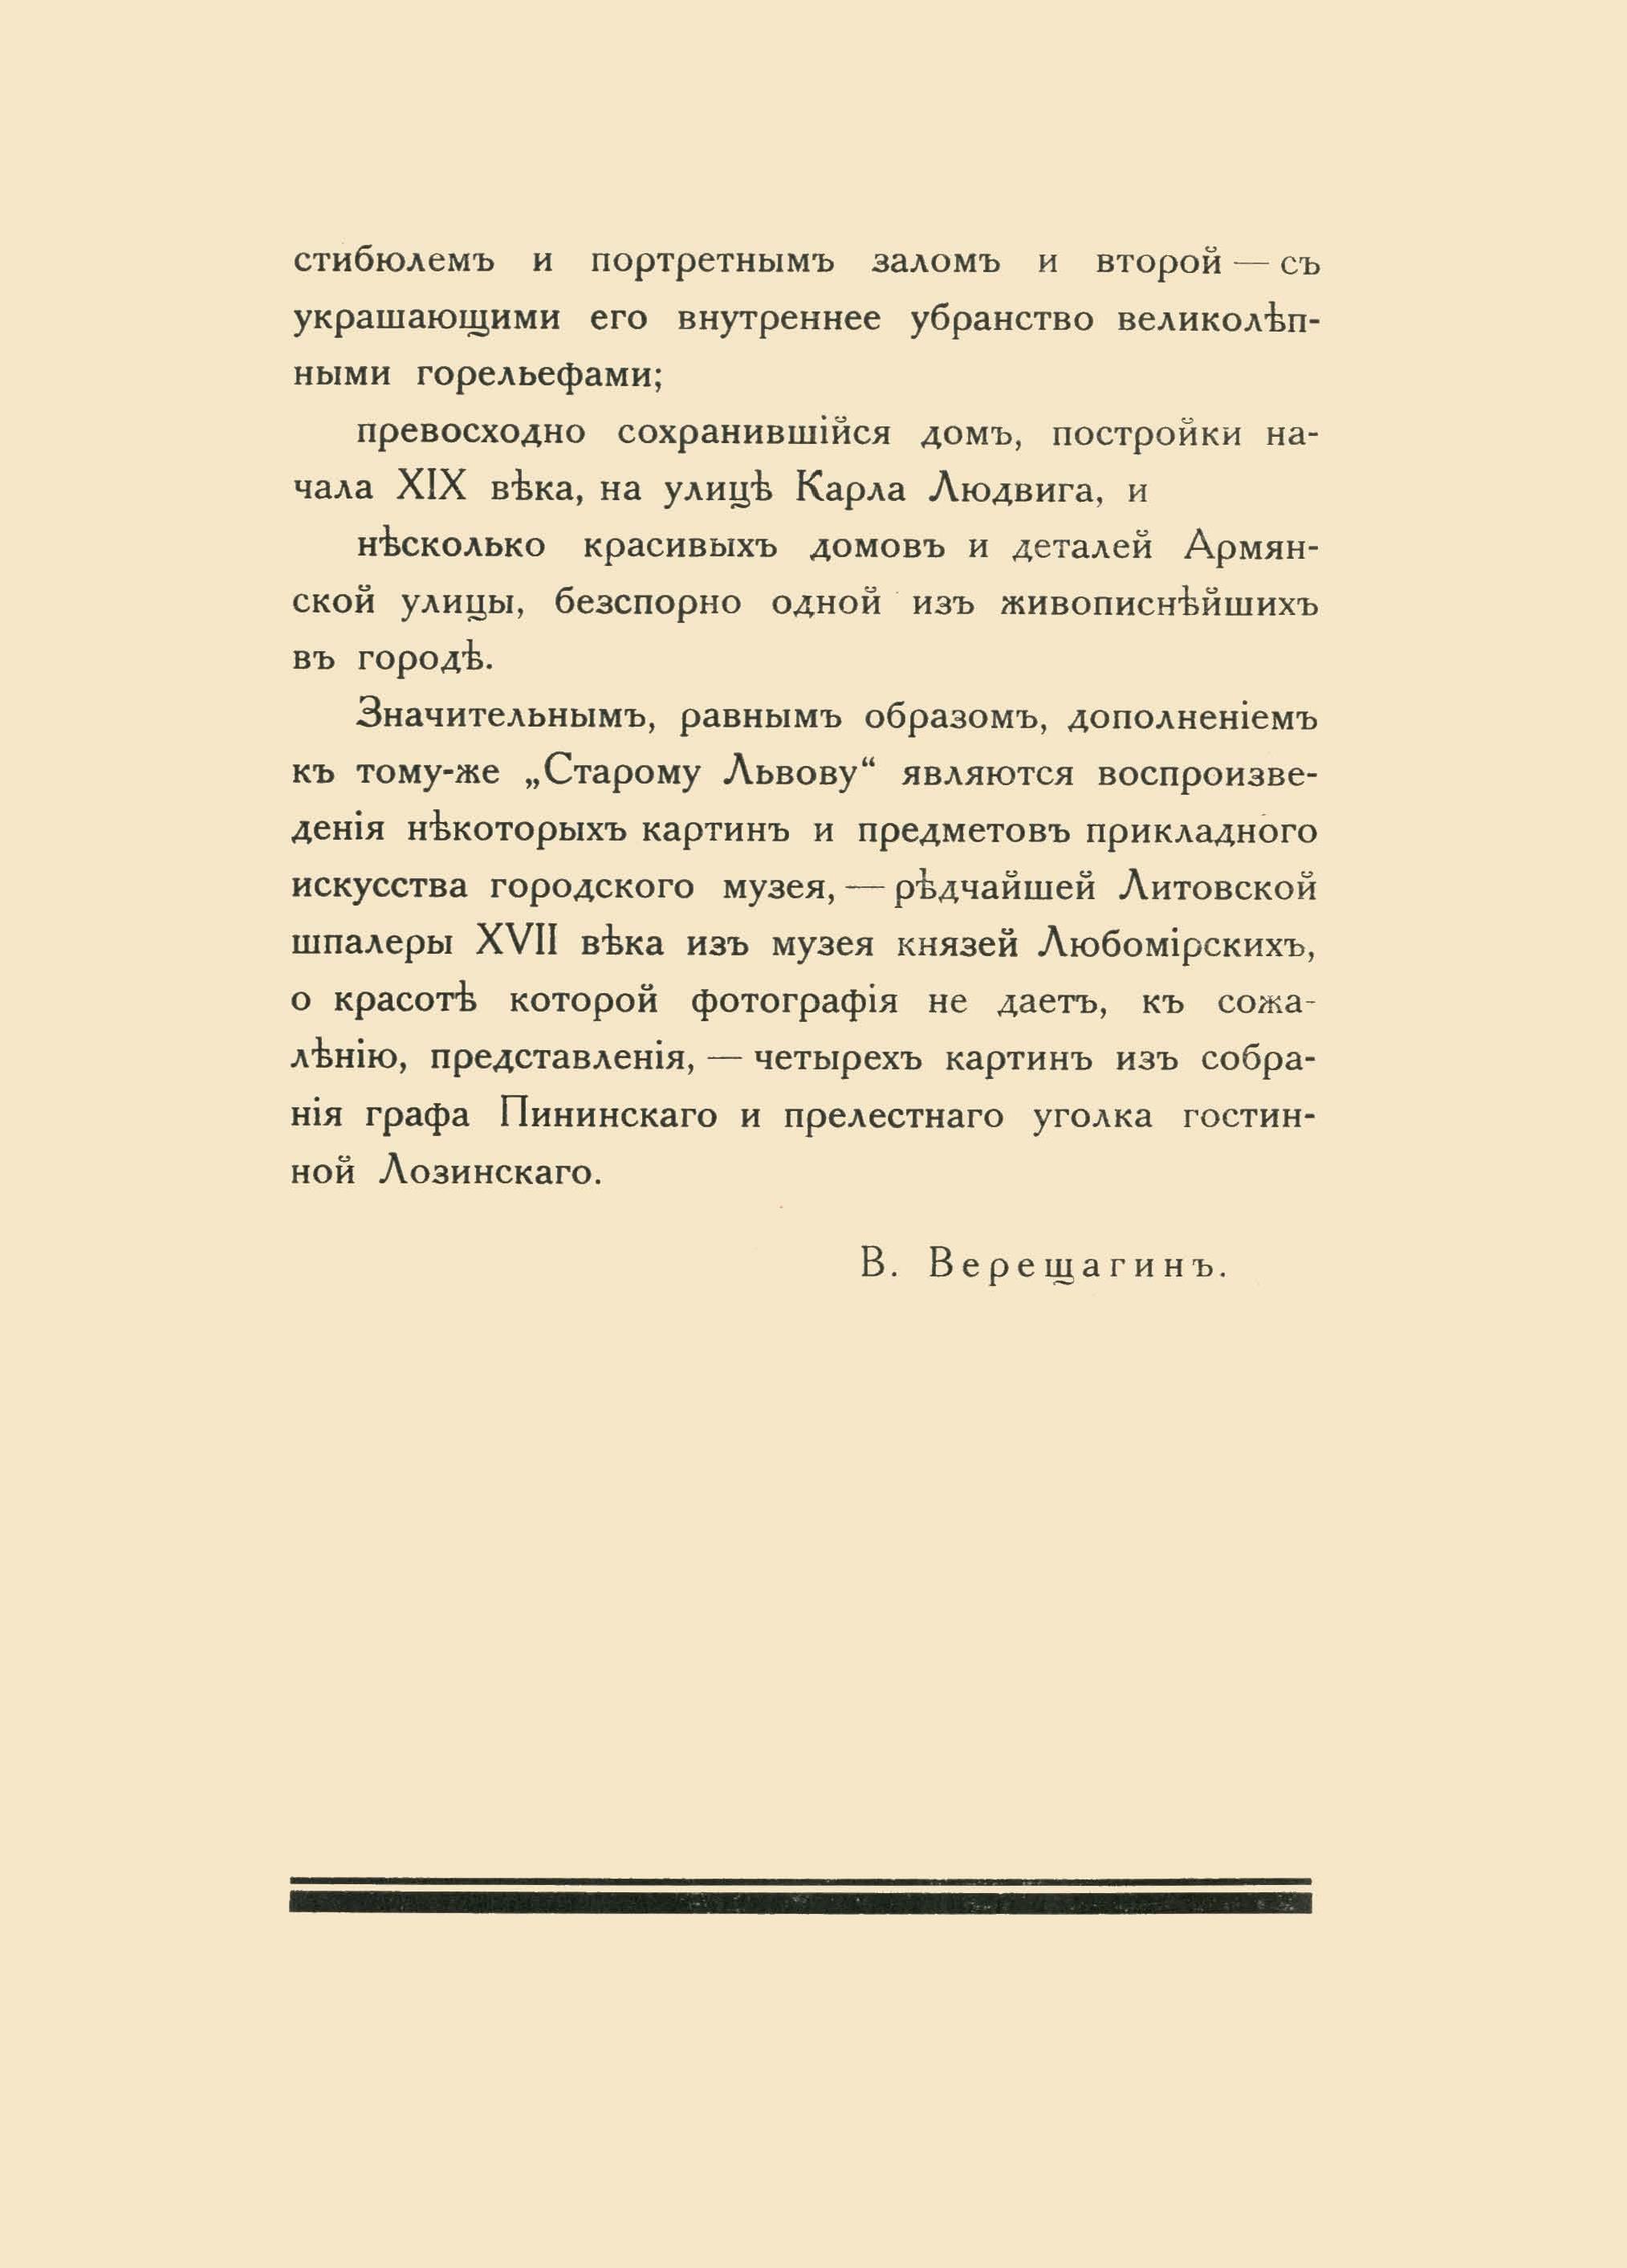 Альбом старого Львова. Верещагин В. 1917_10